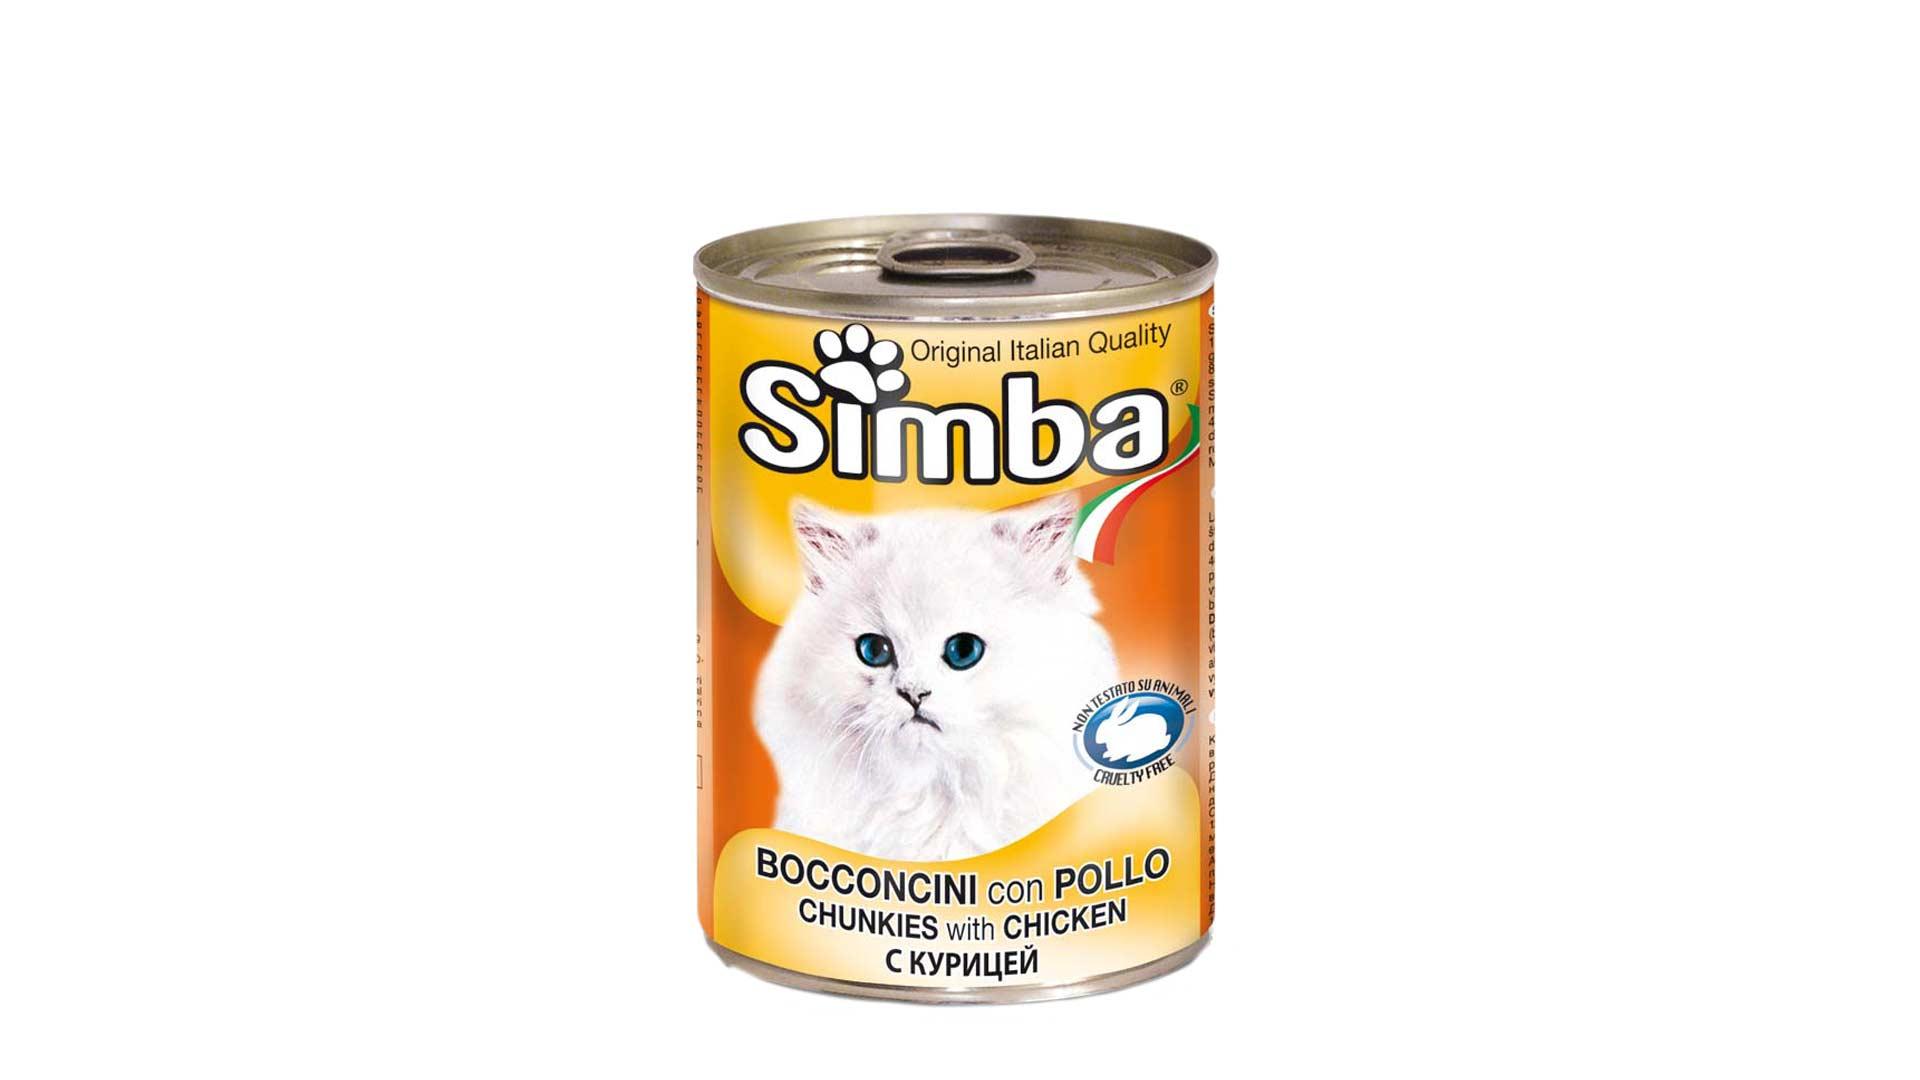 immagine in evidenza della pagina Bocconcini con pollo simba